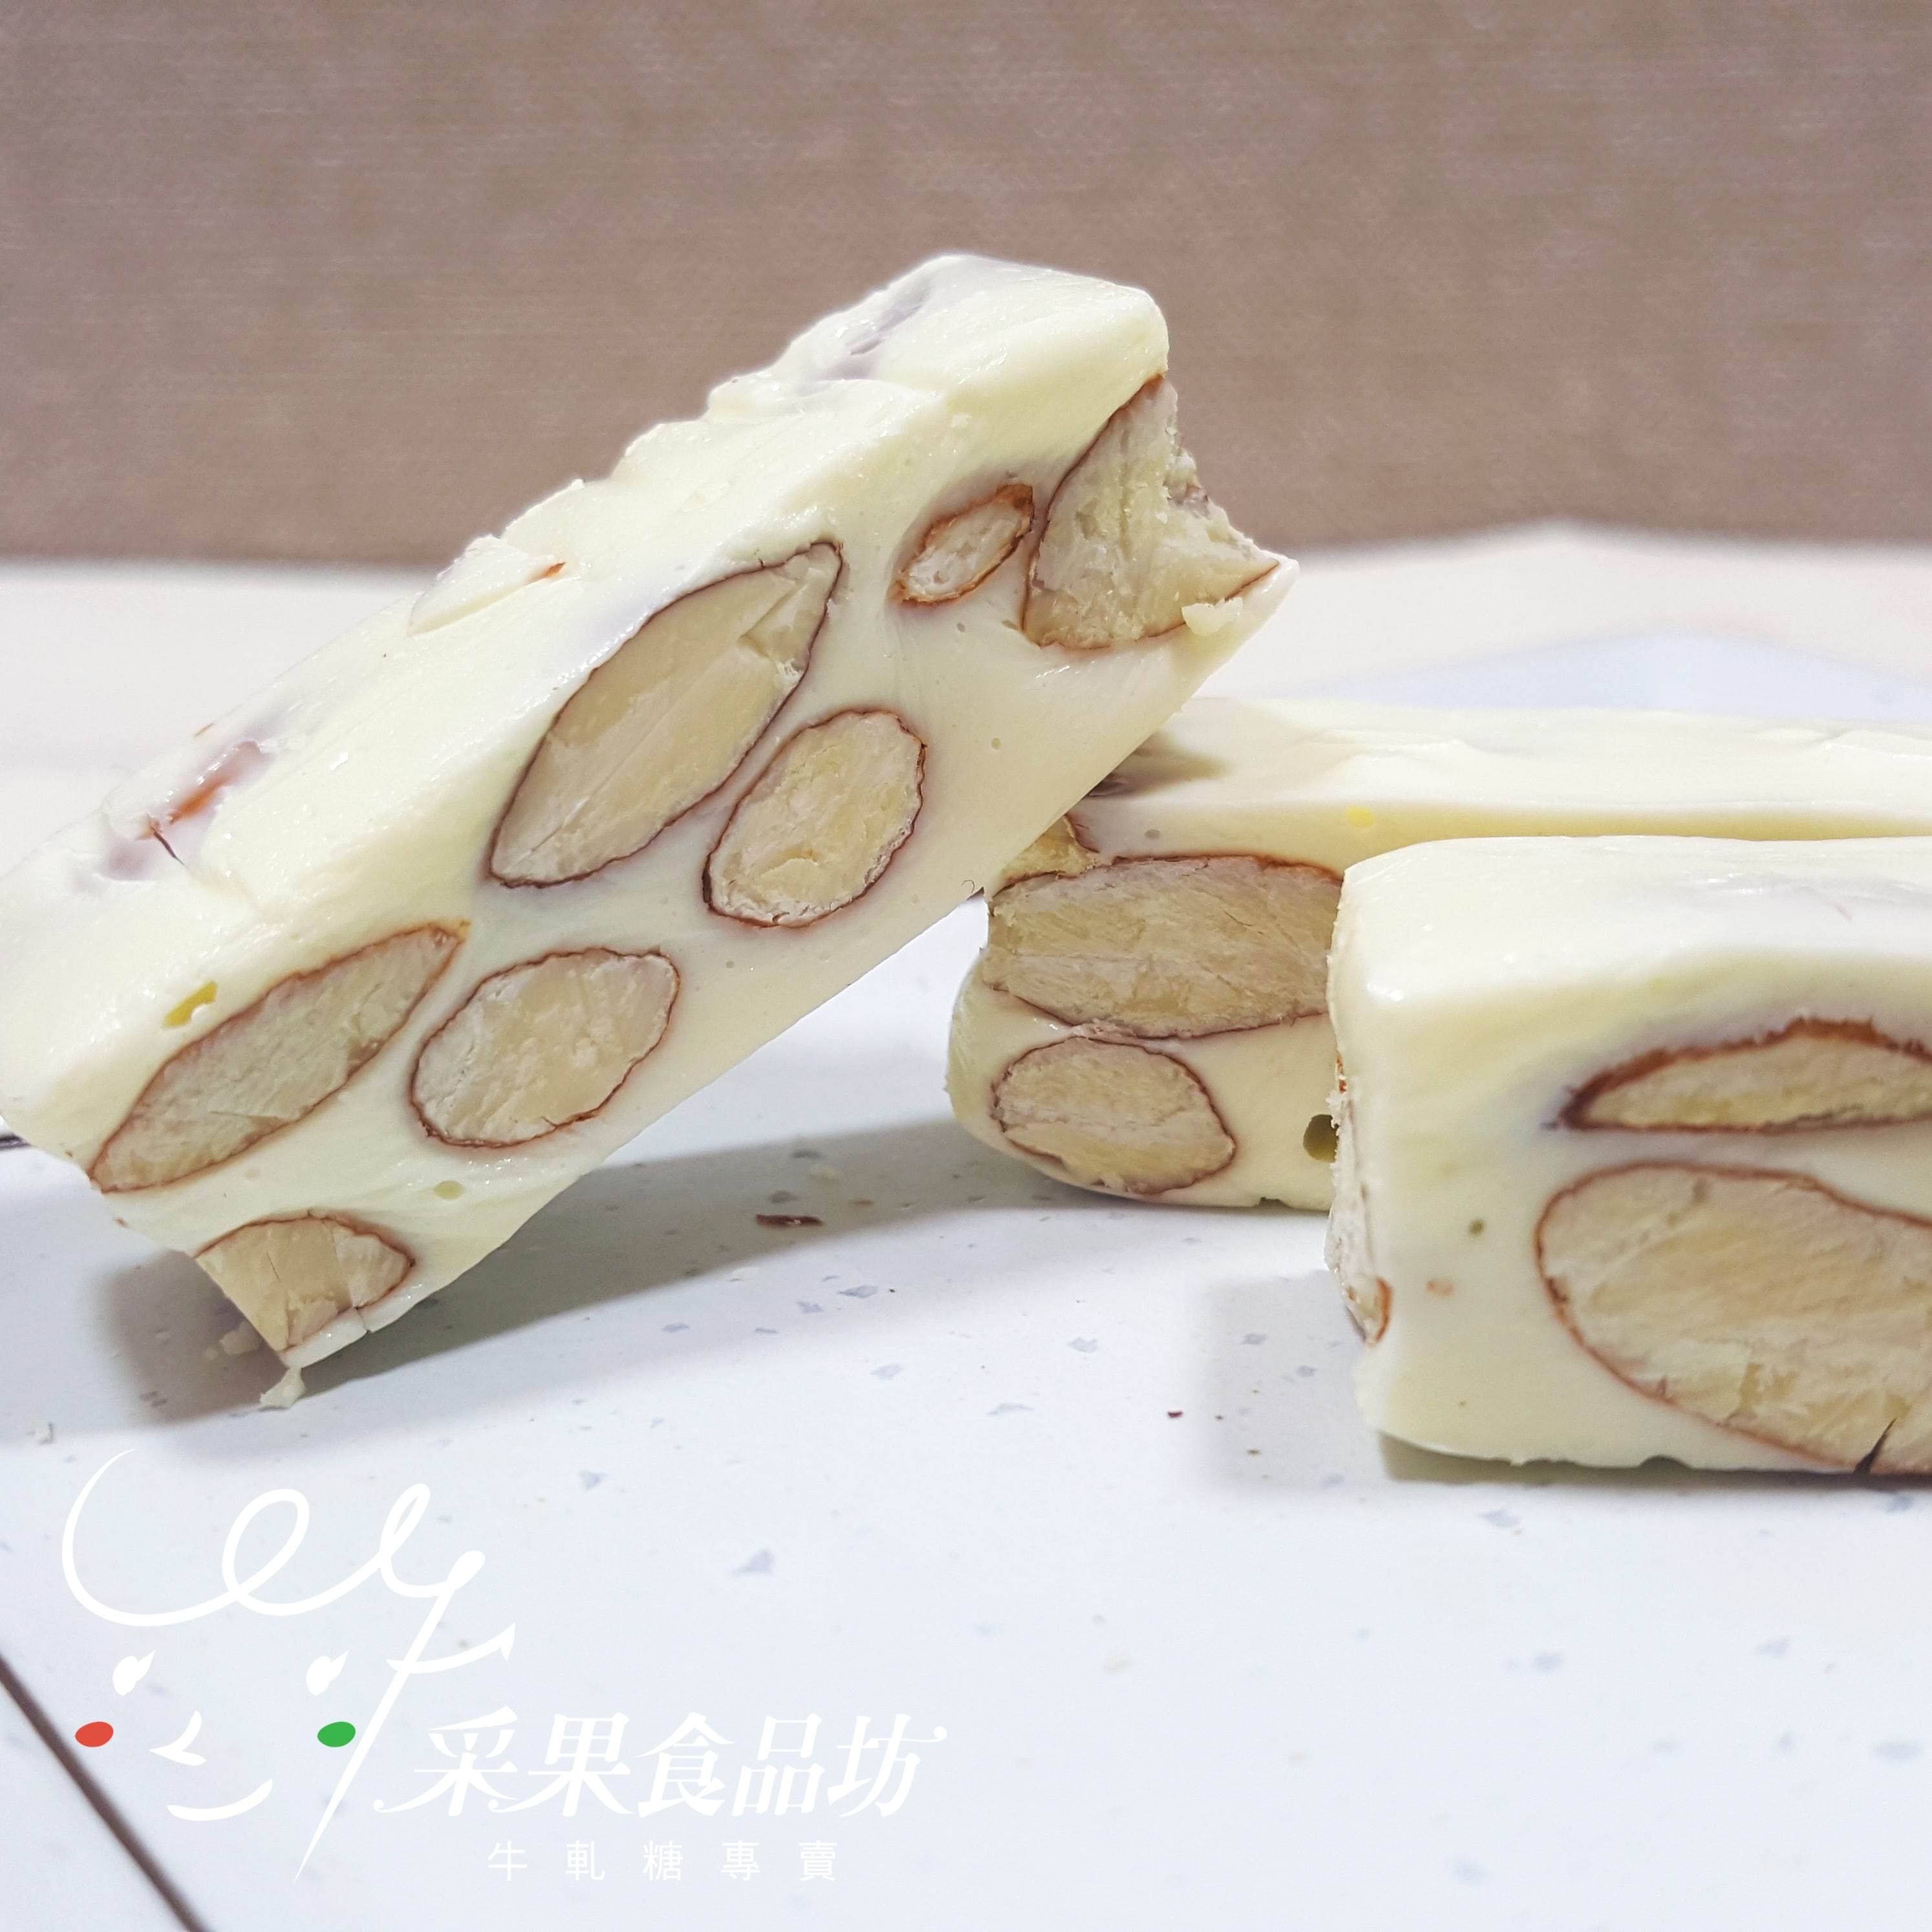 【采果食品坊】原味杏仁牛軋糖 216g / 袋裝 0